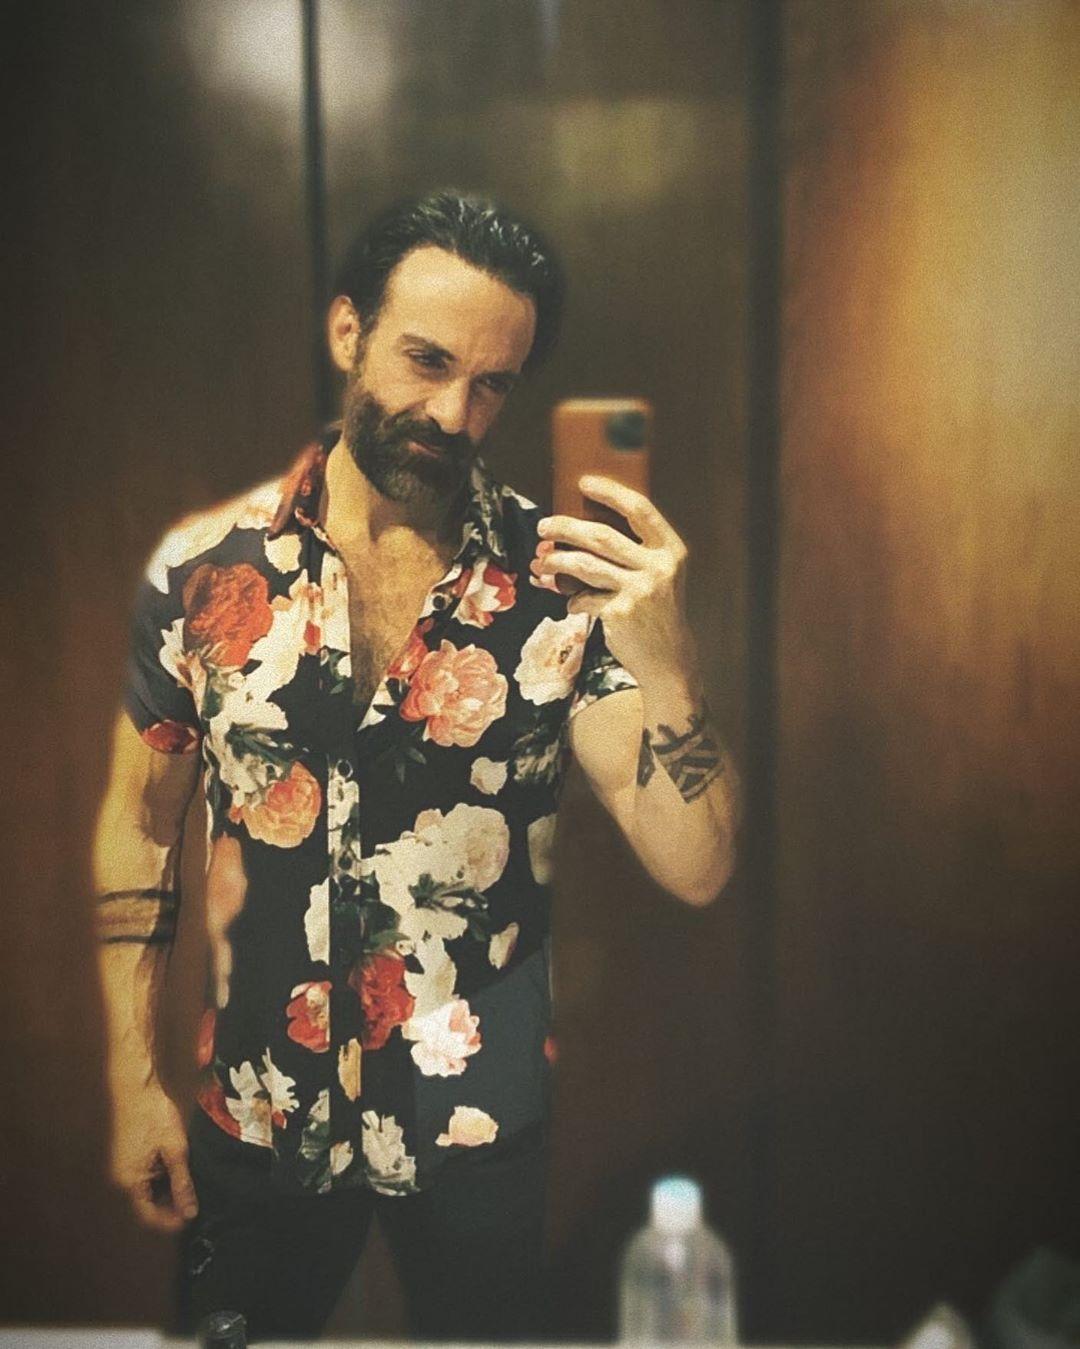 Selfie de Pablo Perroni con camisa de flores.